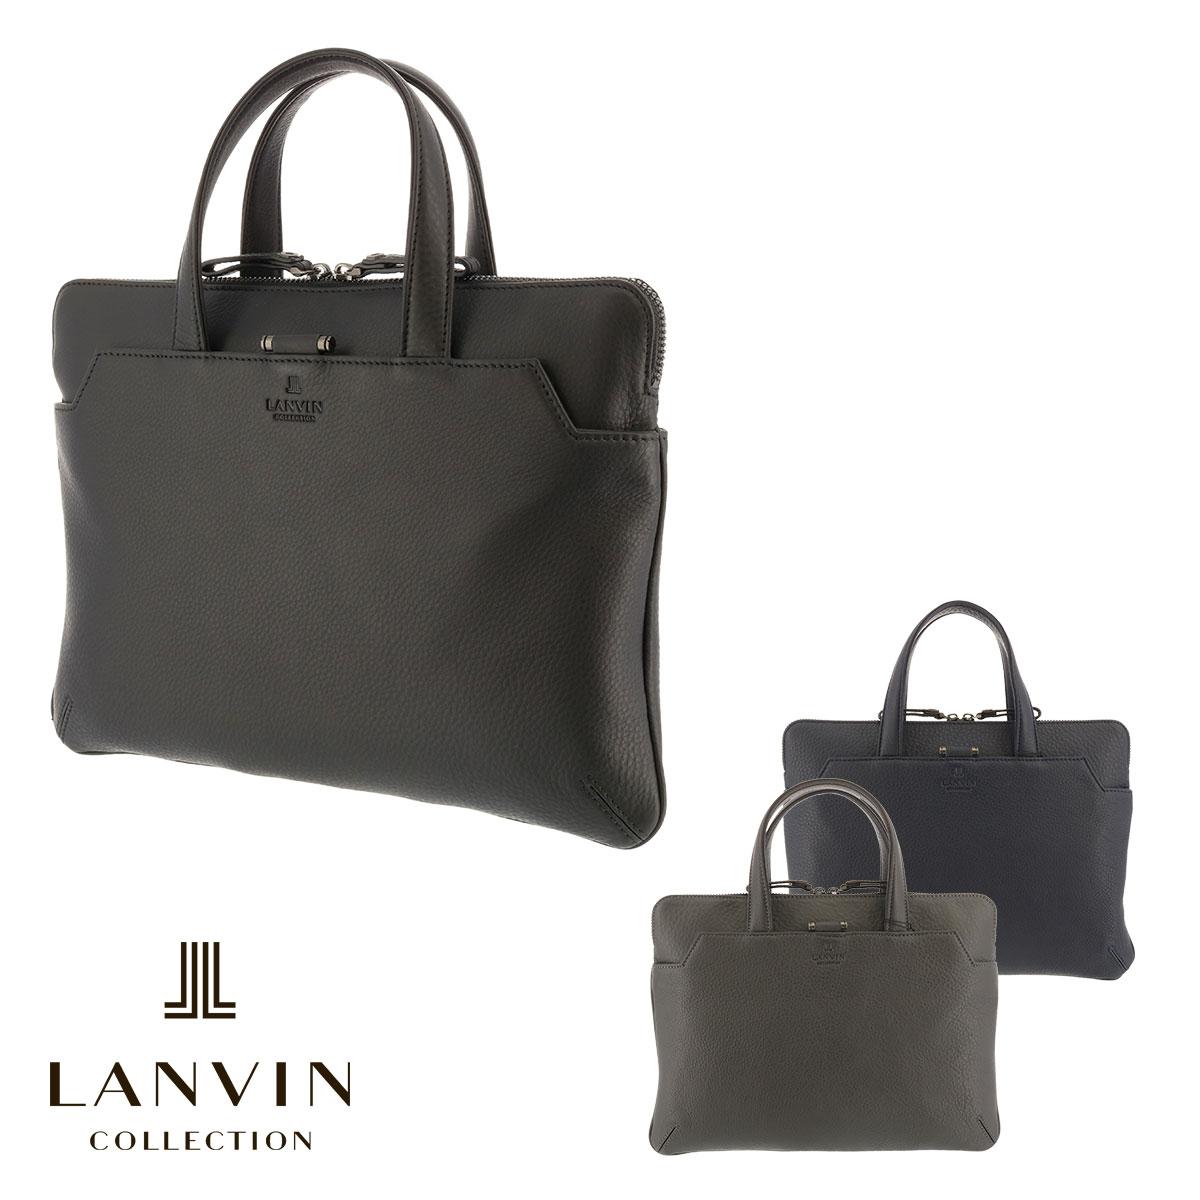 ランバンコレクション ブリーフケース ルミエール 279501 LANVIN COLLECTION ビジネスバッグ A4 牛革 本革 レザー メンズ